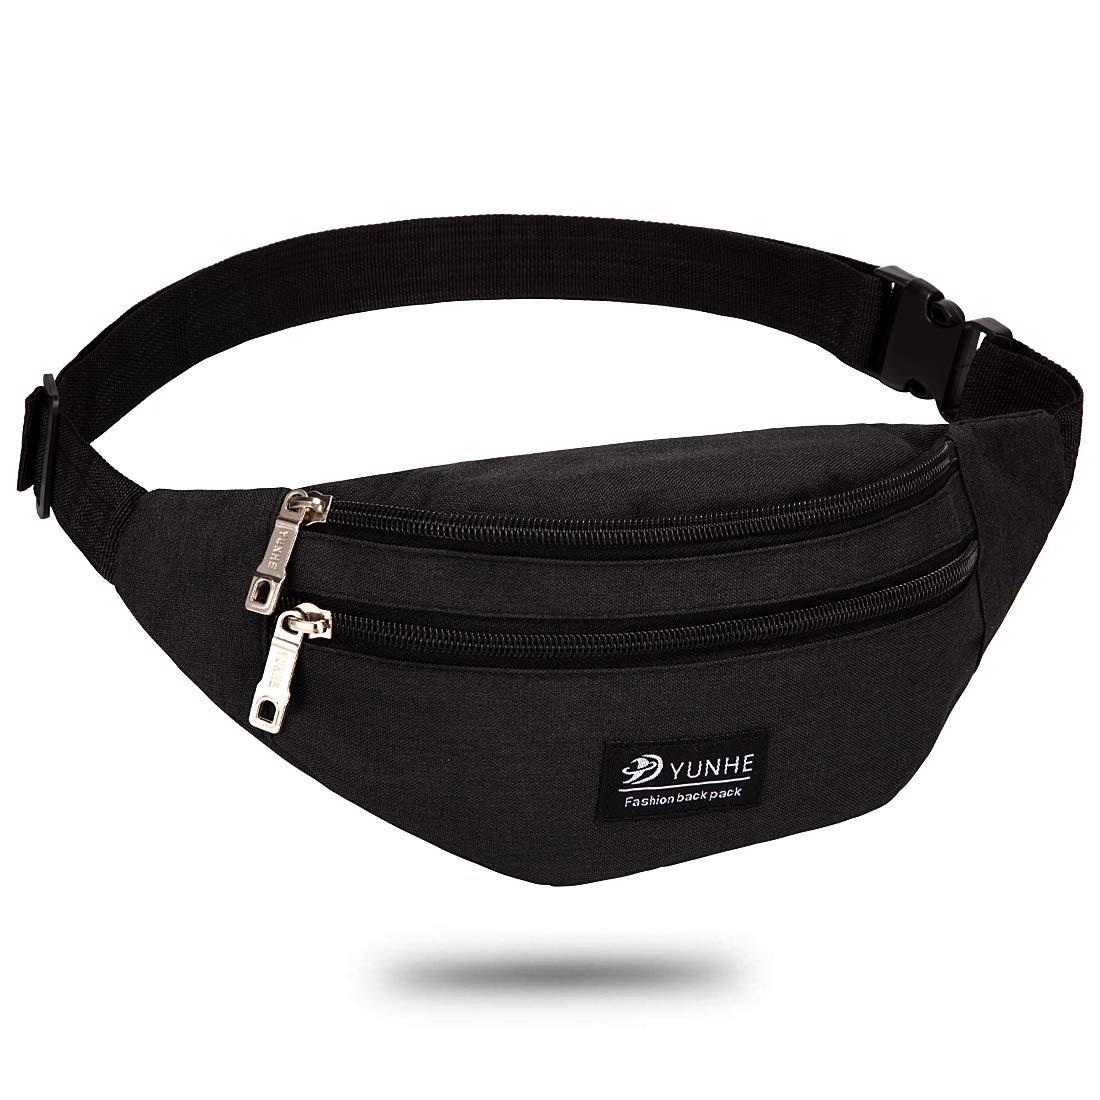 Bild zu LEBEXY wasserdichte Hüfttasche für 3,99€